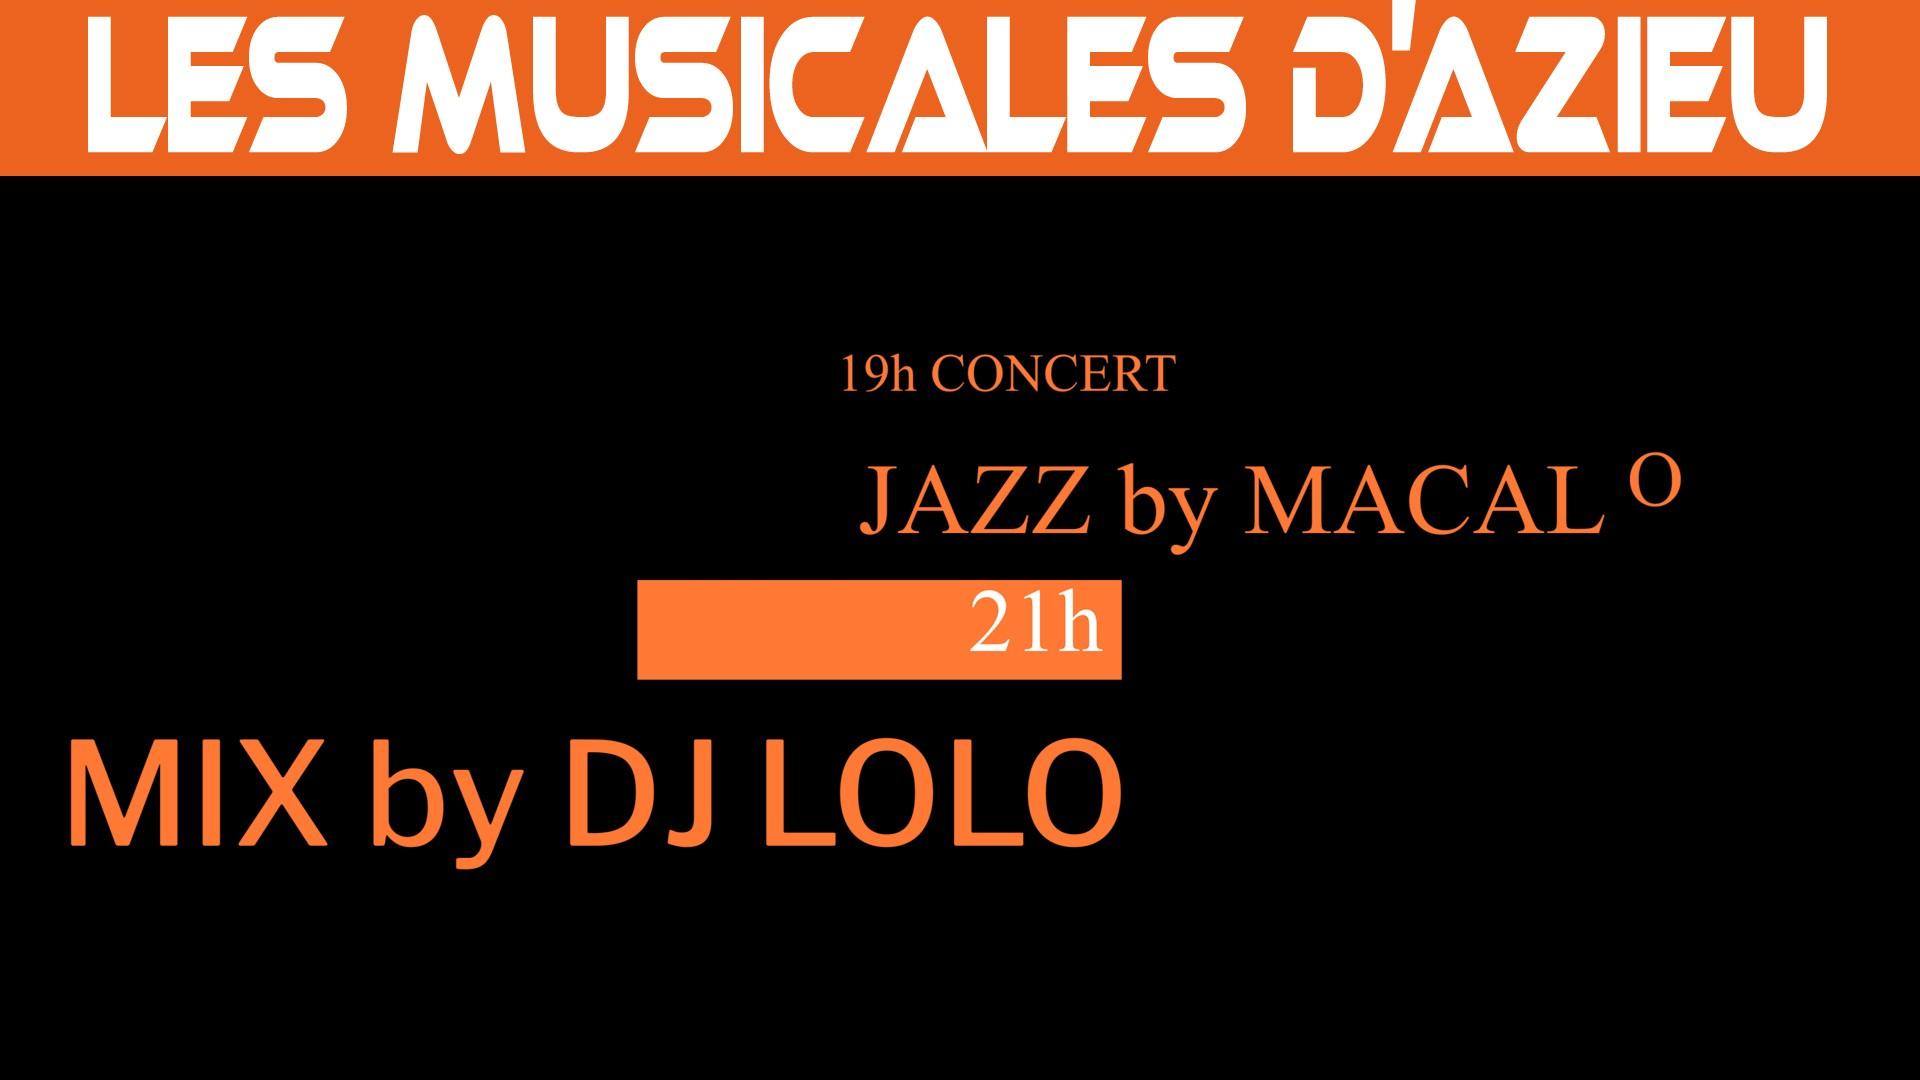 Les Musicales d'Azieu 2021 - Concert & DJ le 19 juin 2021